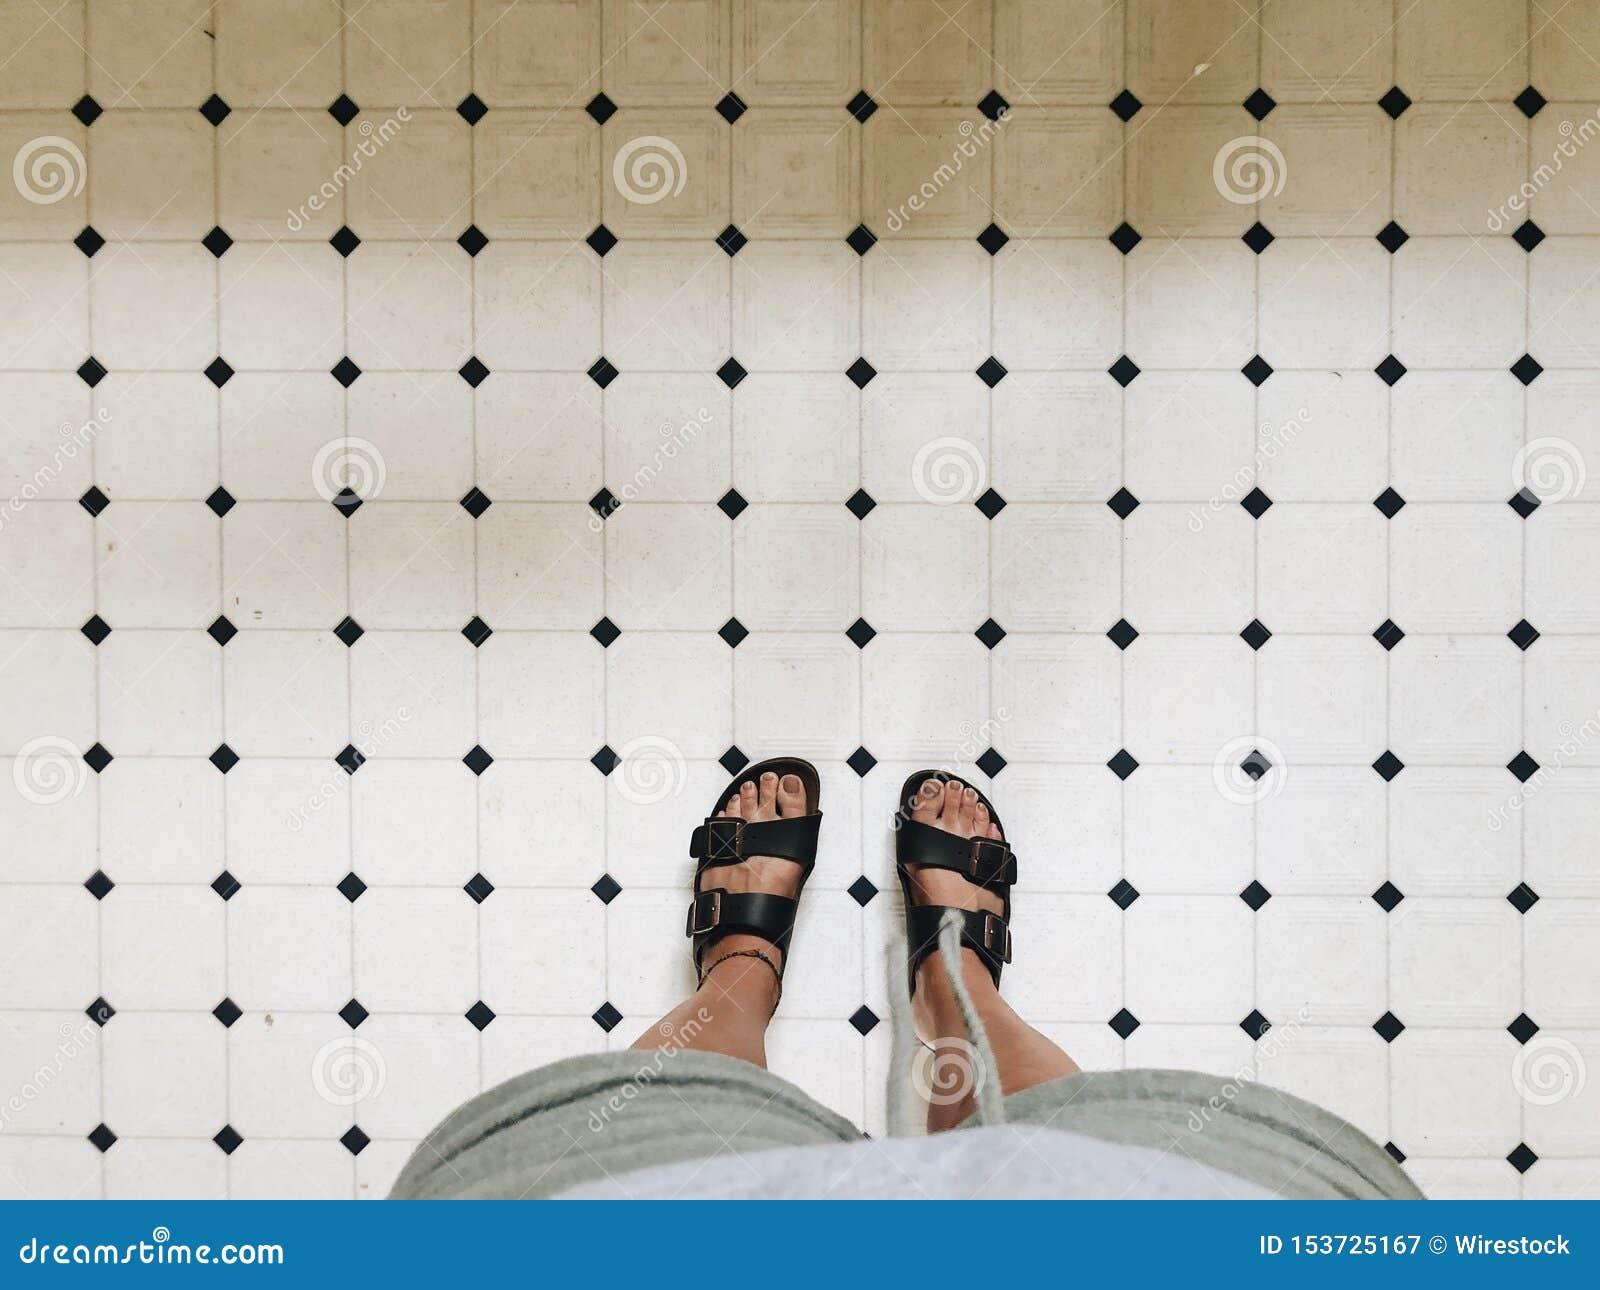 Voeten van een persoon in sandals op witte tegels in een badkamers